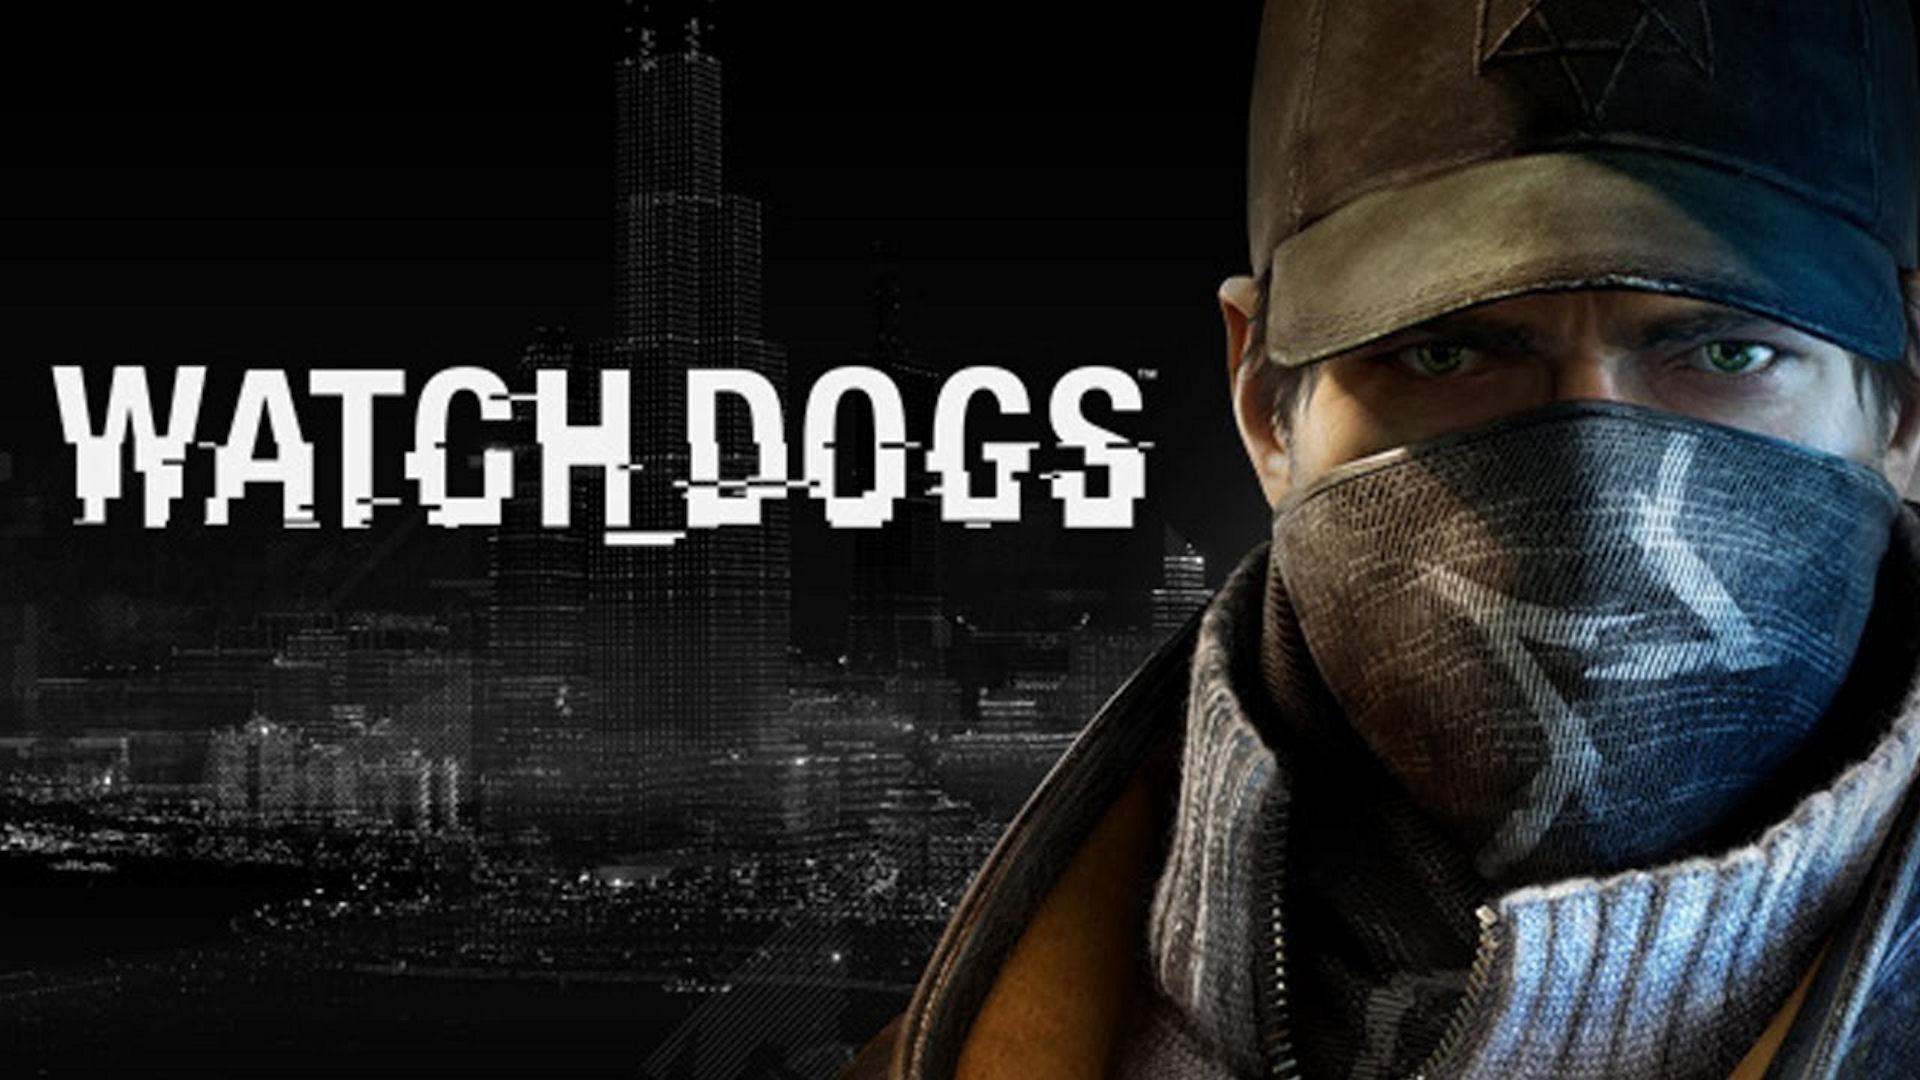 Watch Dogs, gratis por tiempo limitado para los usuarios de PC